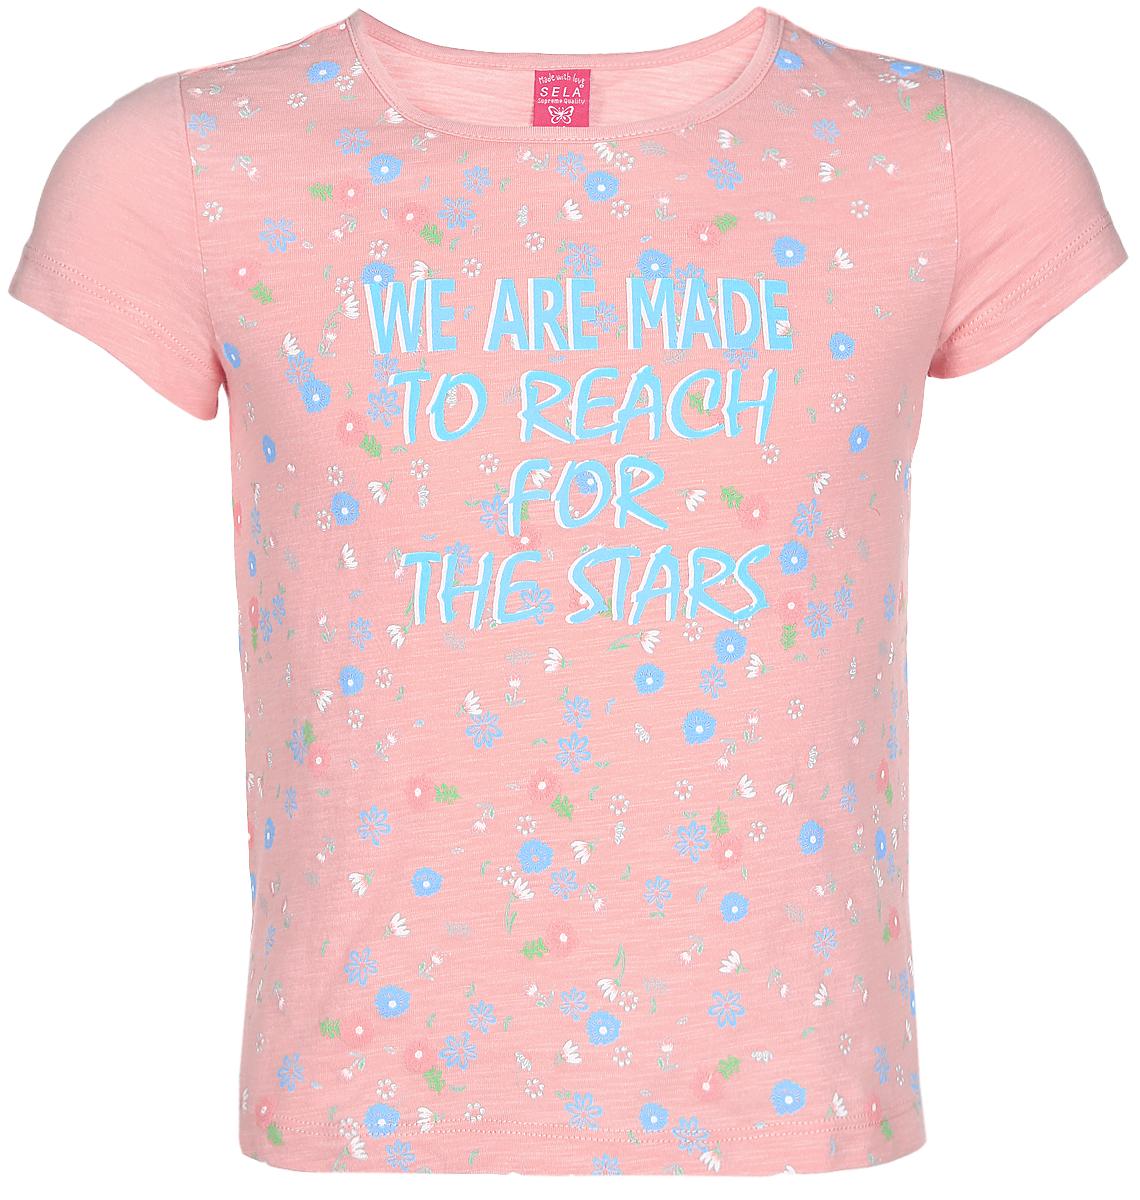 ФутболкаTs-611/625-7151Футболка для девочки Sela изготовлена из высококачественного натурального хлопка. Модель с короткими рукавами и круглым вырезом горловины украшена ярким цветочным принтом и надписью We Are Made To Reach For The Stars.